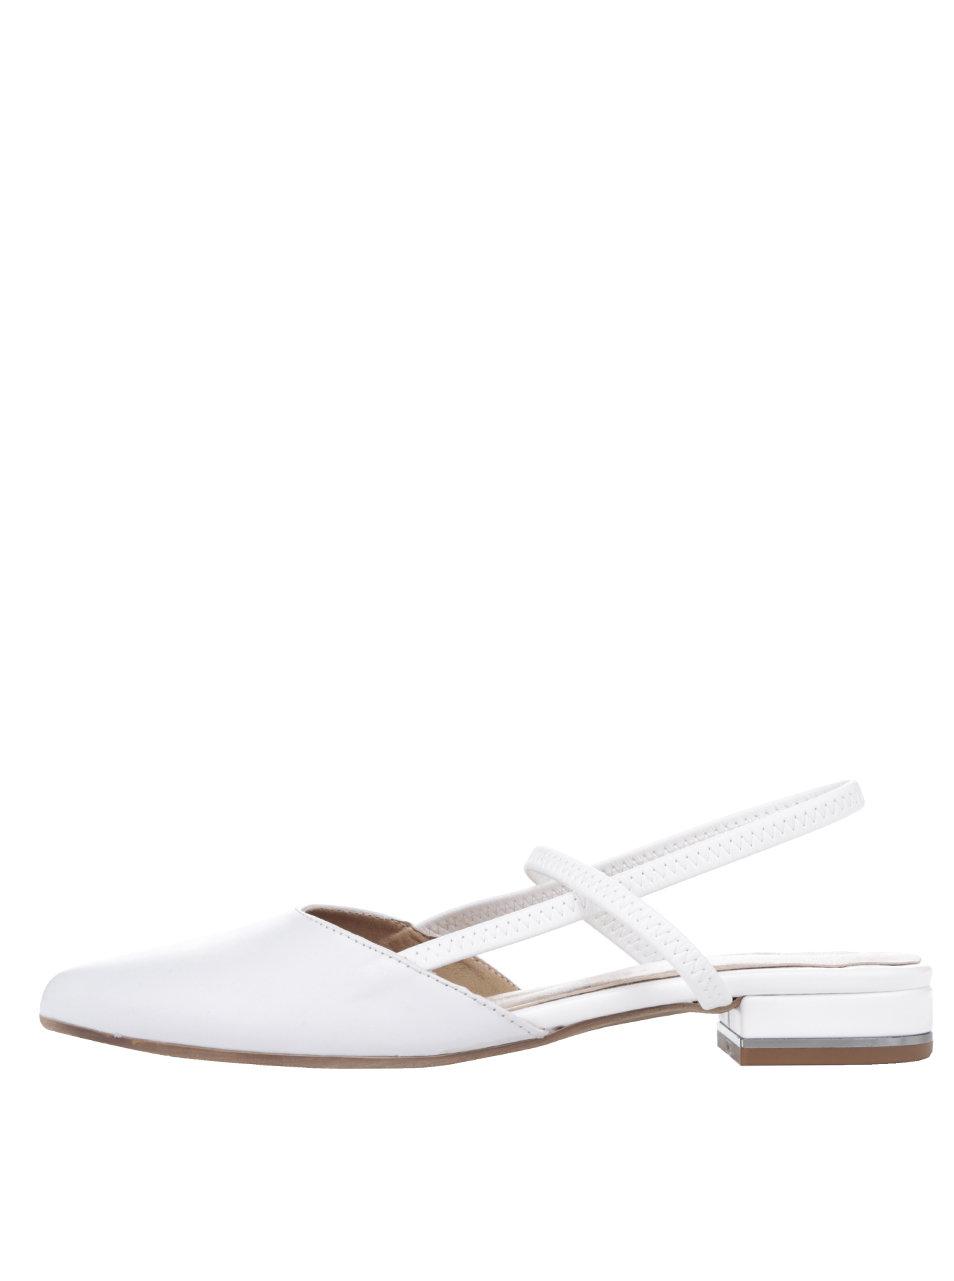 62ad66f411e0 Krémové kožené sandále s uzavretou špičkou Tamaris ...